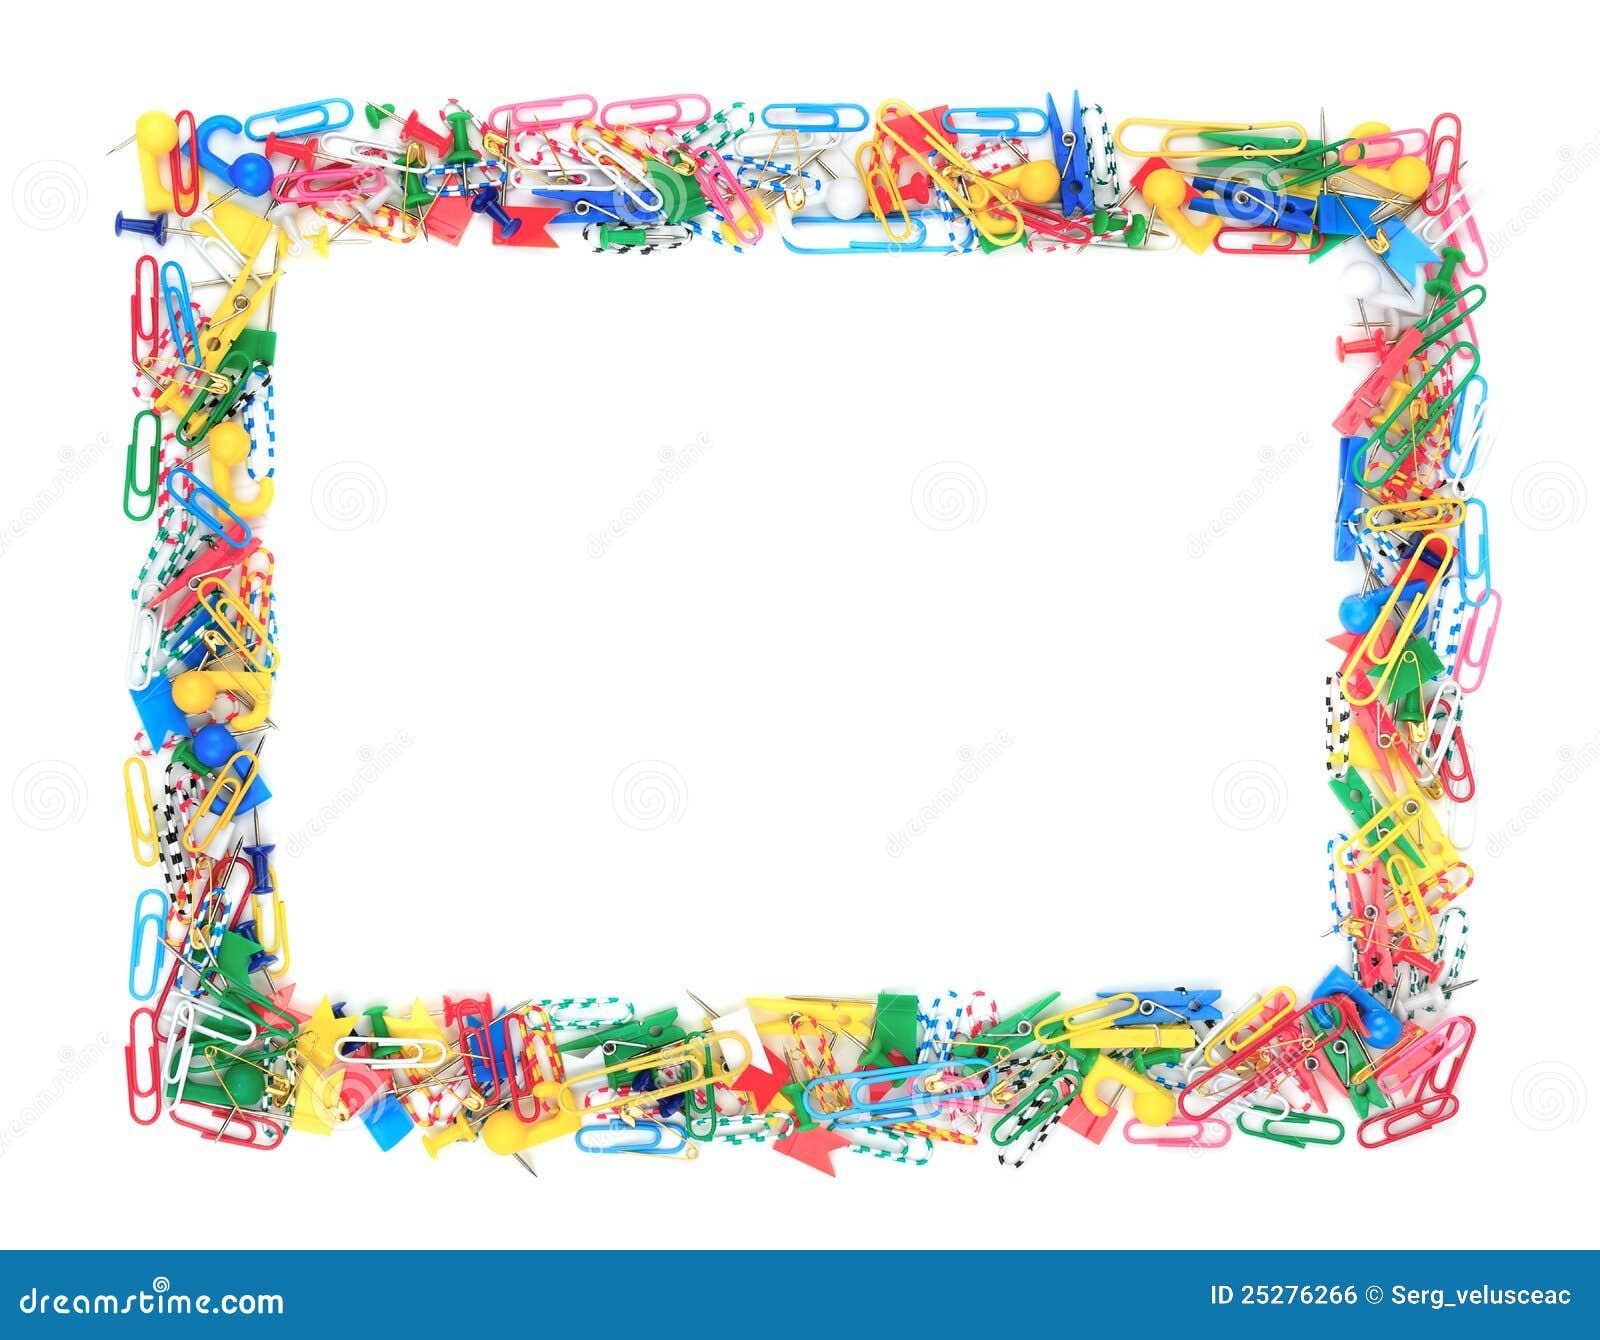 office frames